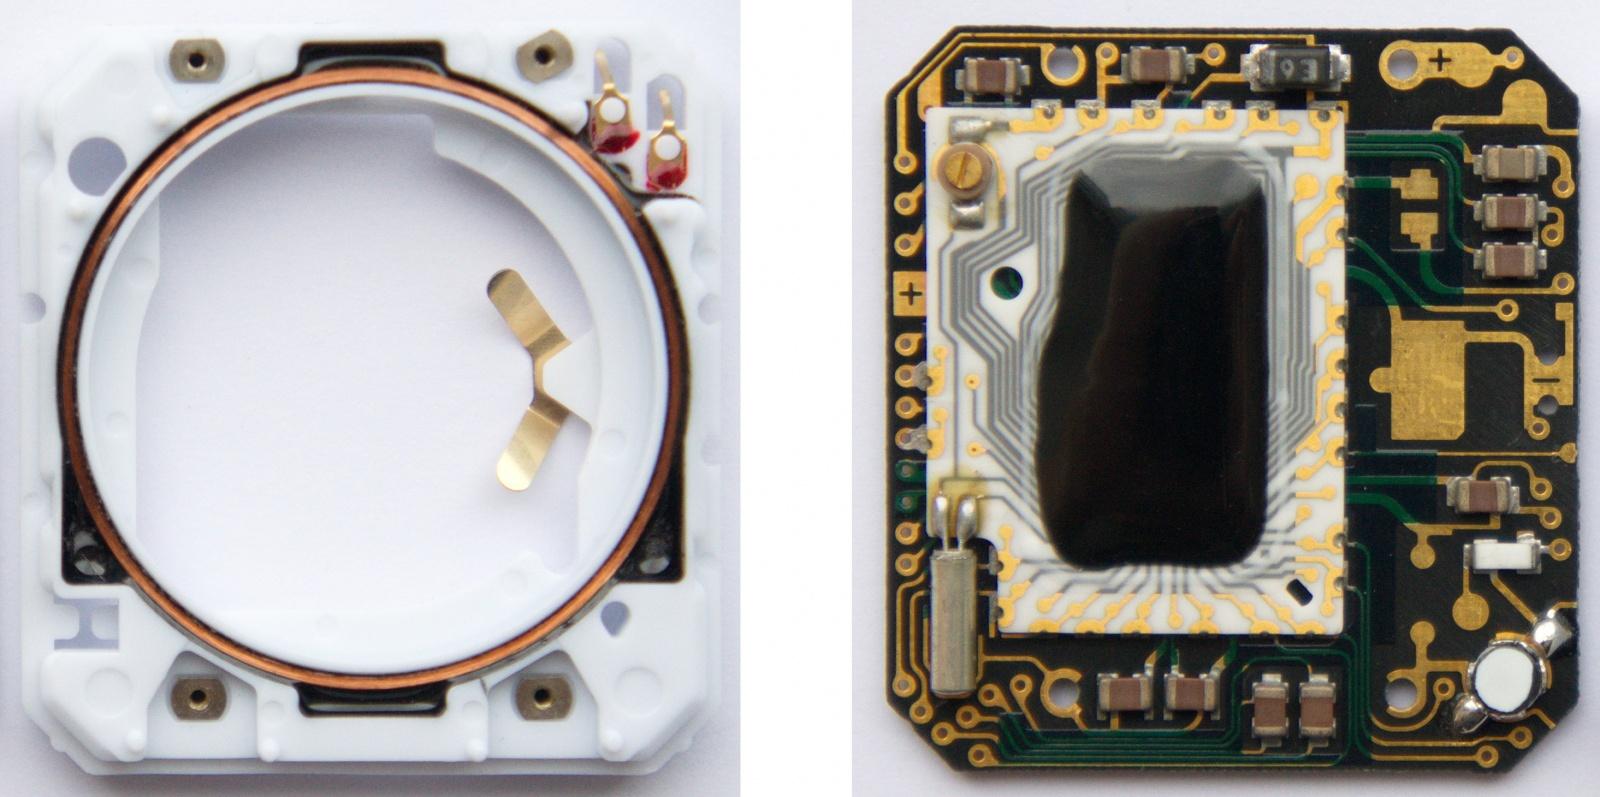 Реверс-инжиниринг первых умных часов Seiko UC-2000 - 4